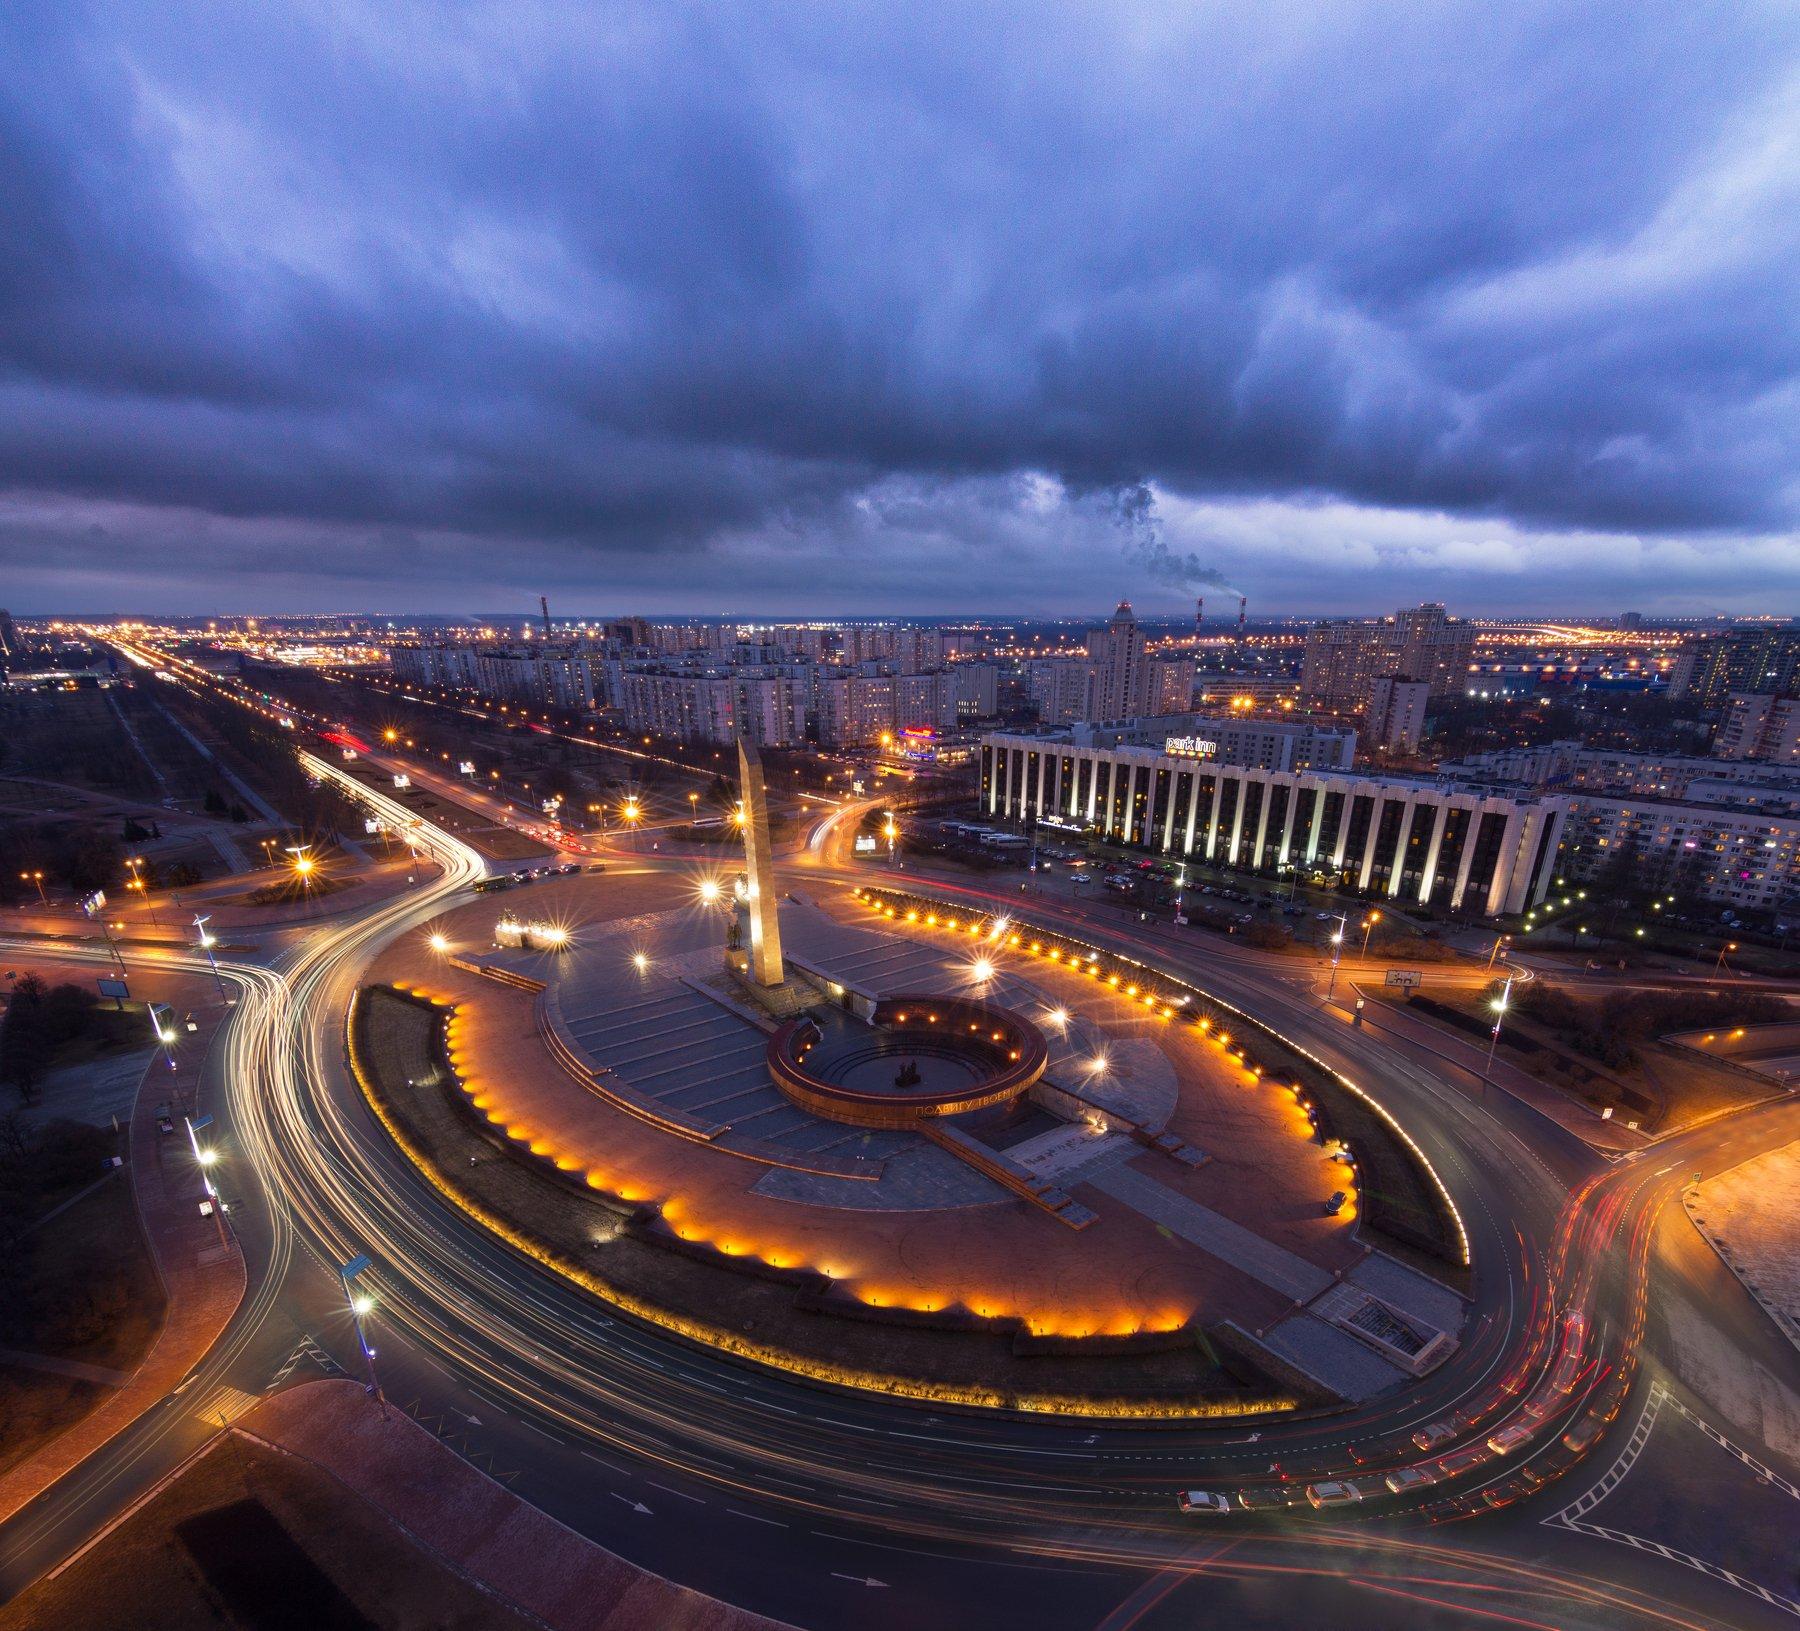 крыша, urban exploration, Санкт-Петербург, пейзаж, Голубев Алексей